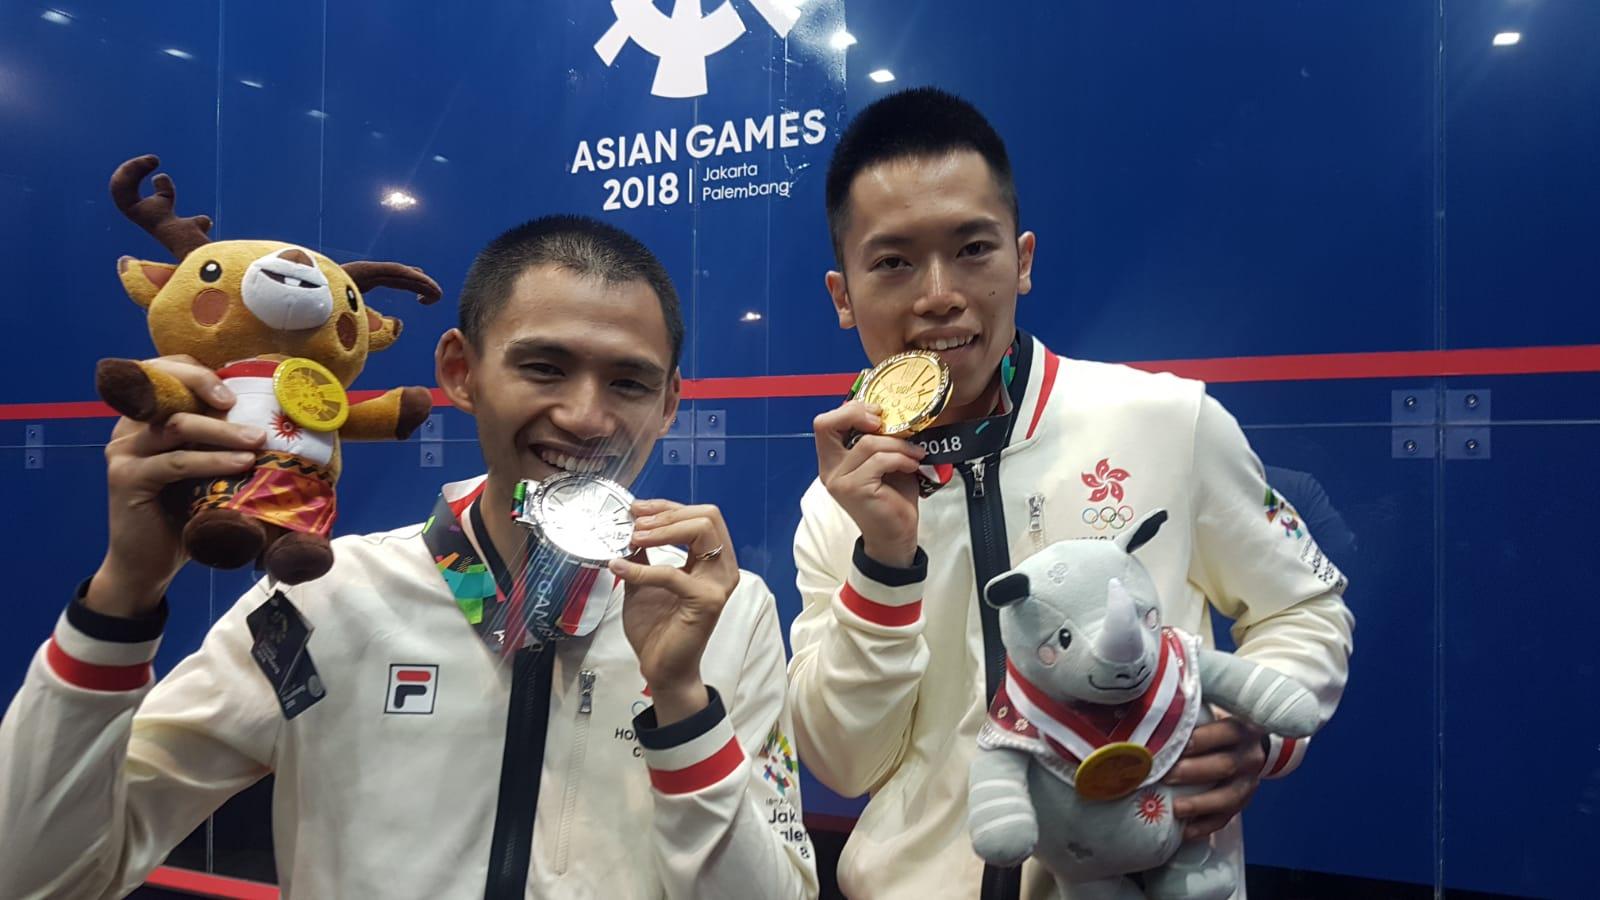 歐鎮銘(右)和李浩賢(左)為香港添1金1銀。相片由香港壁球總會提供